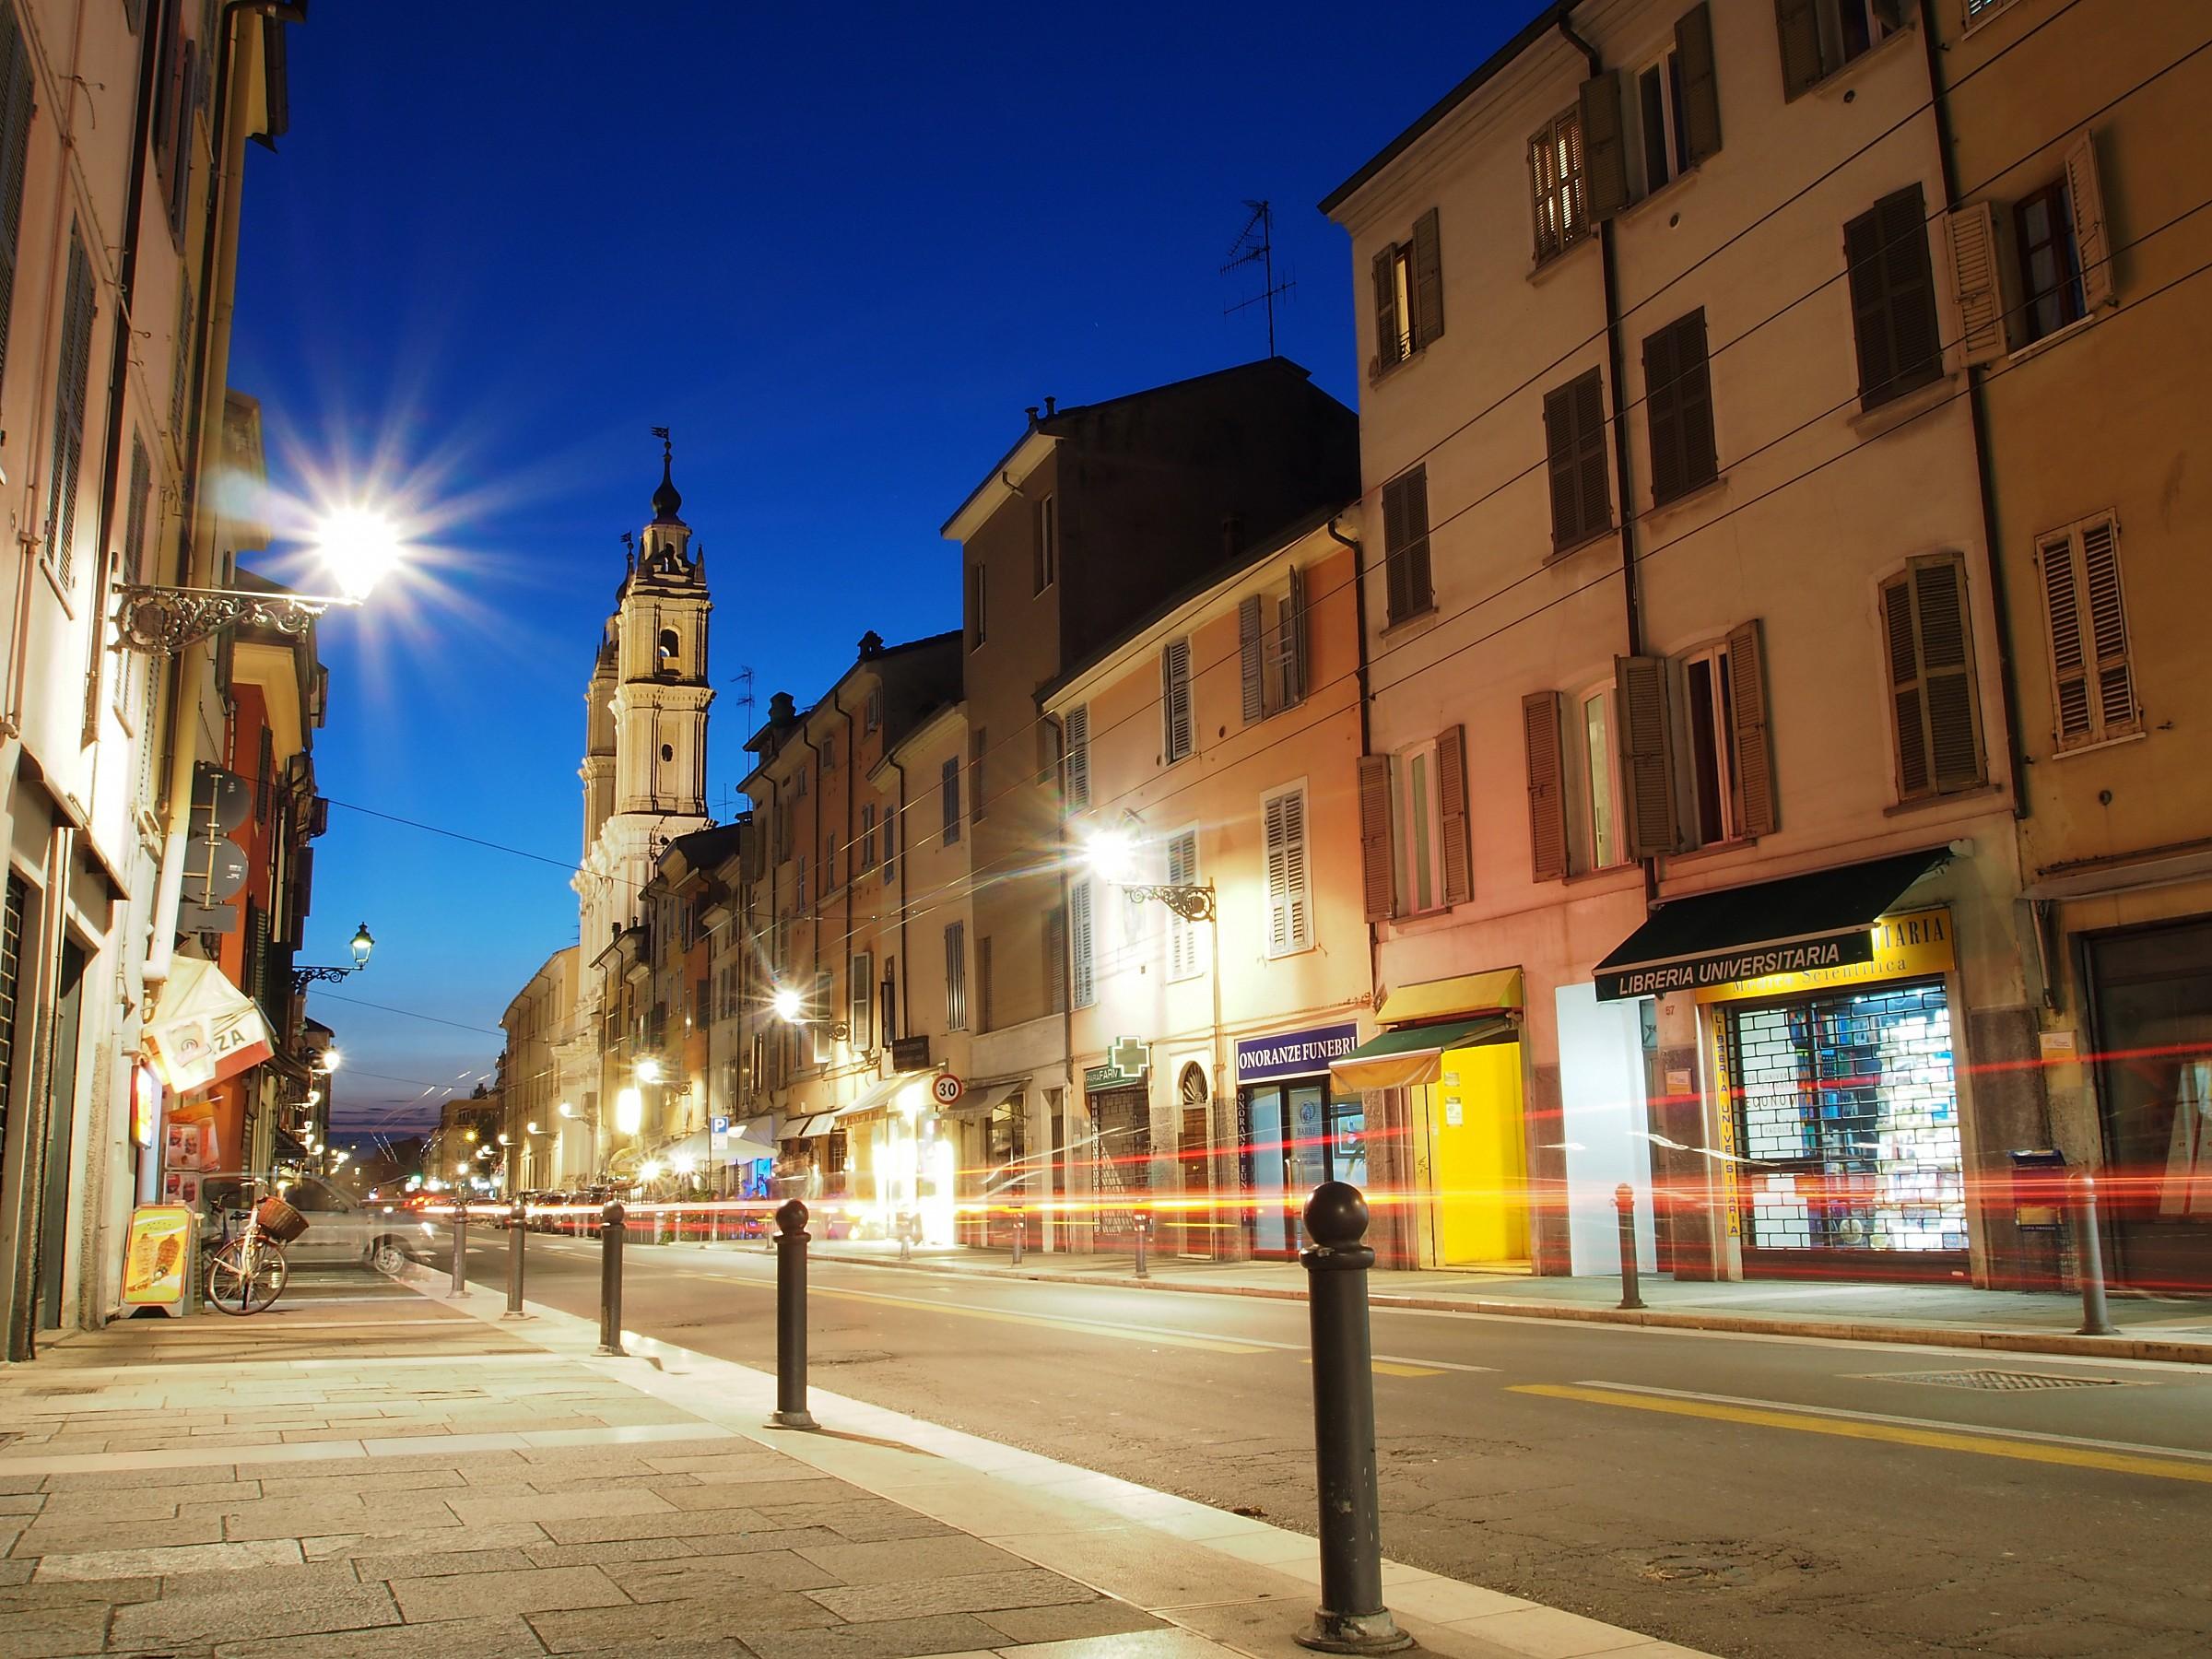 Parma...